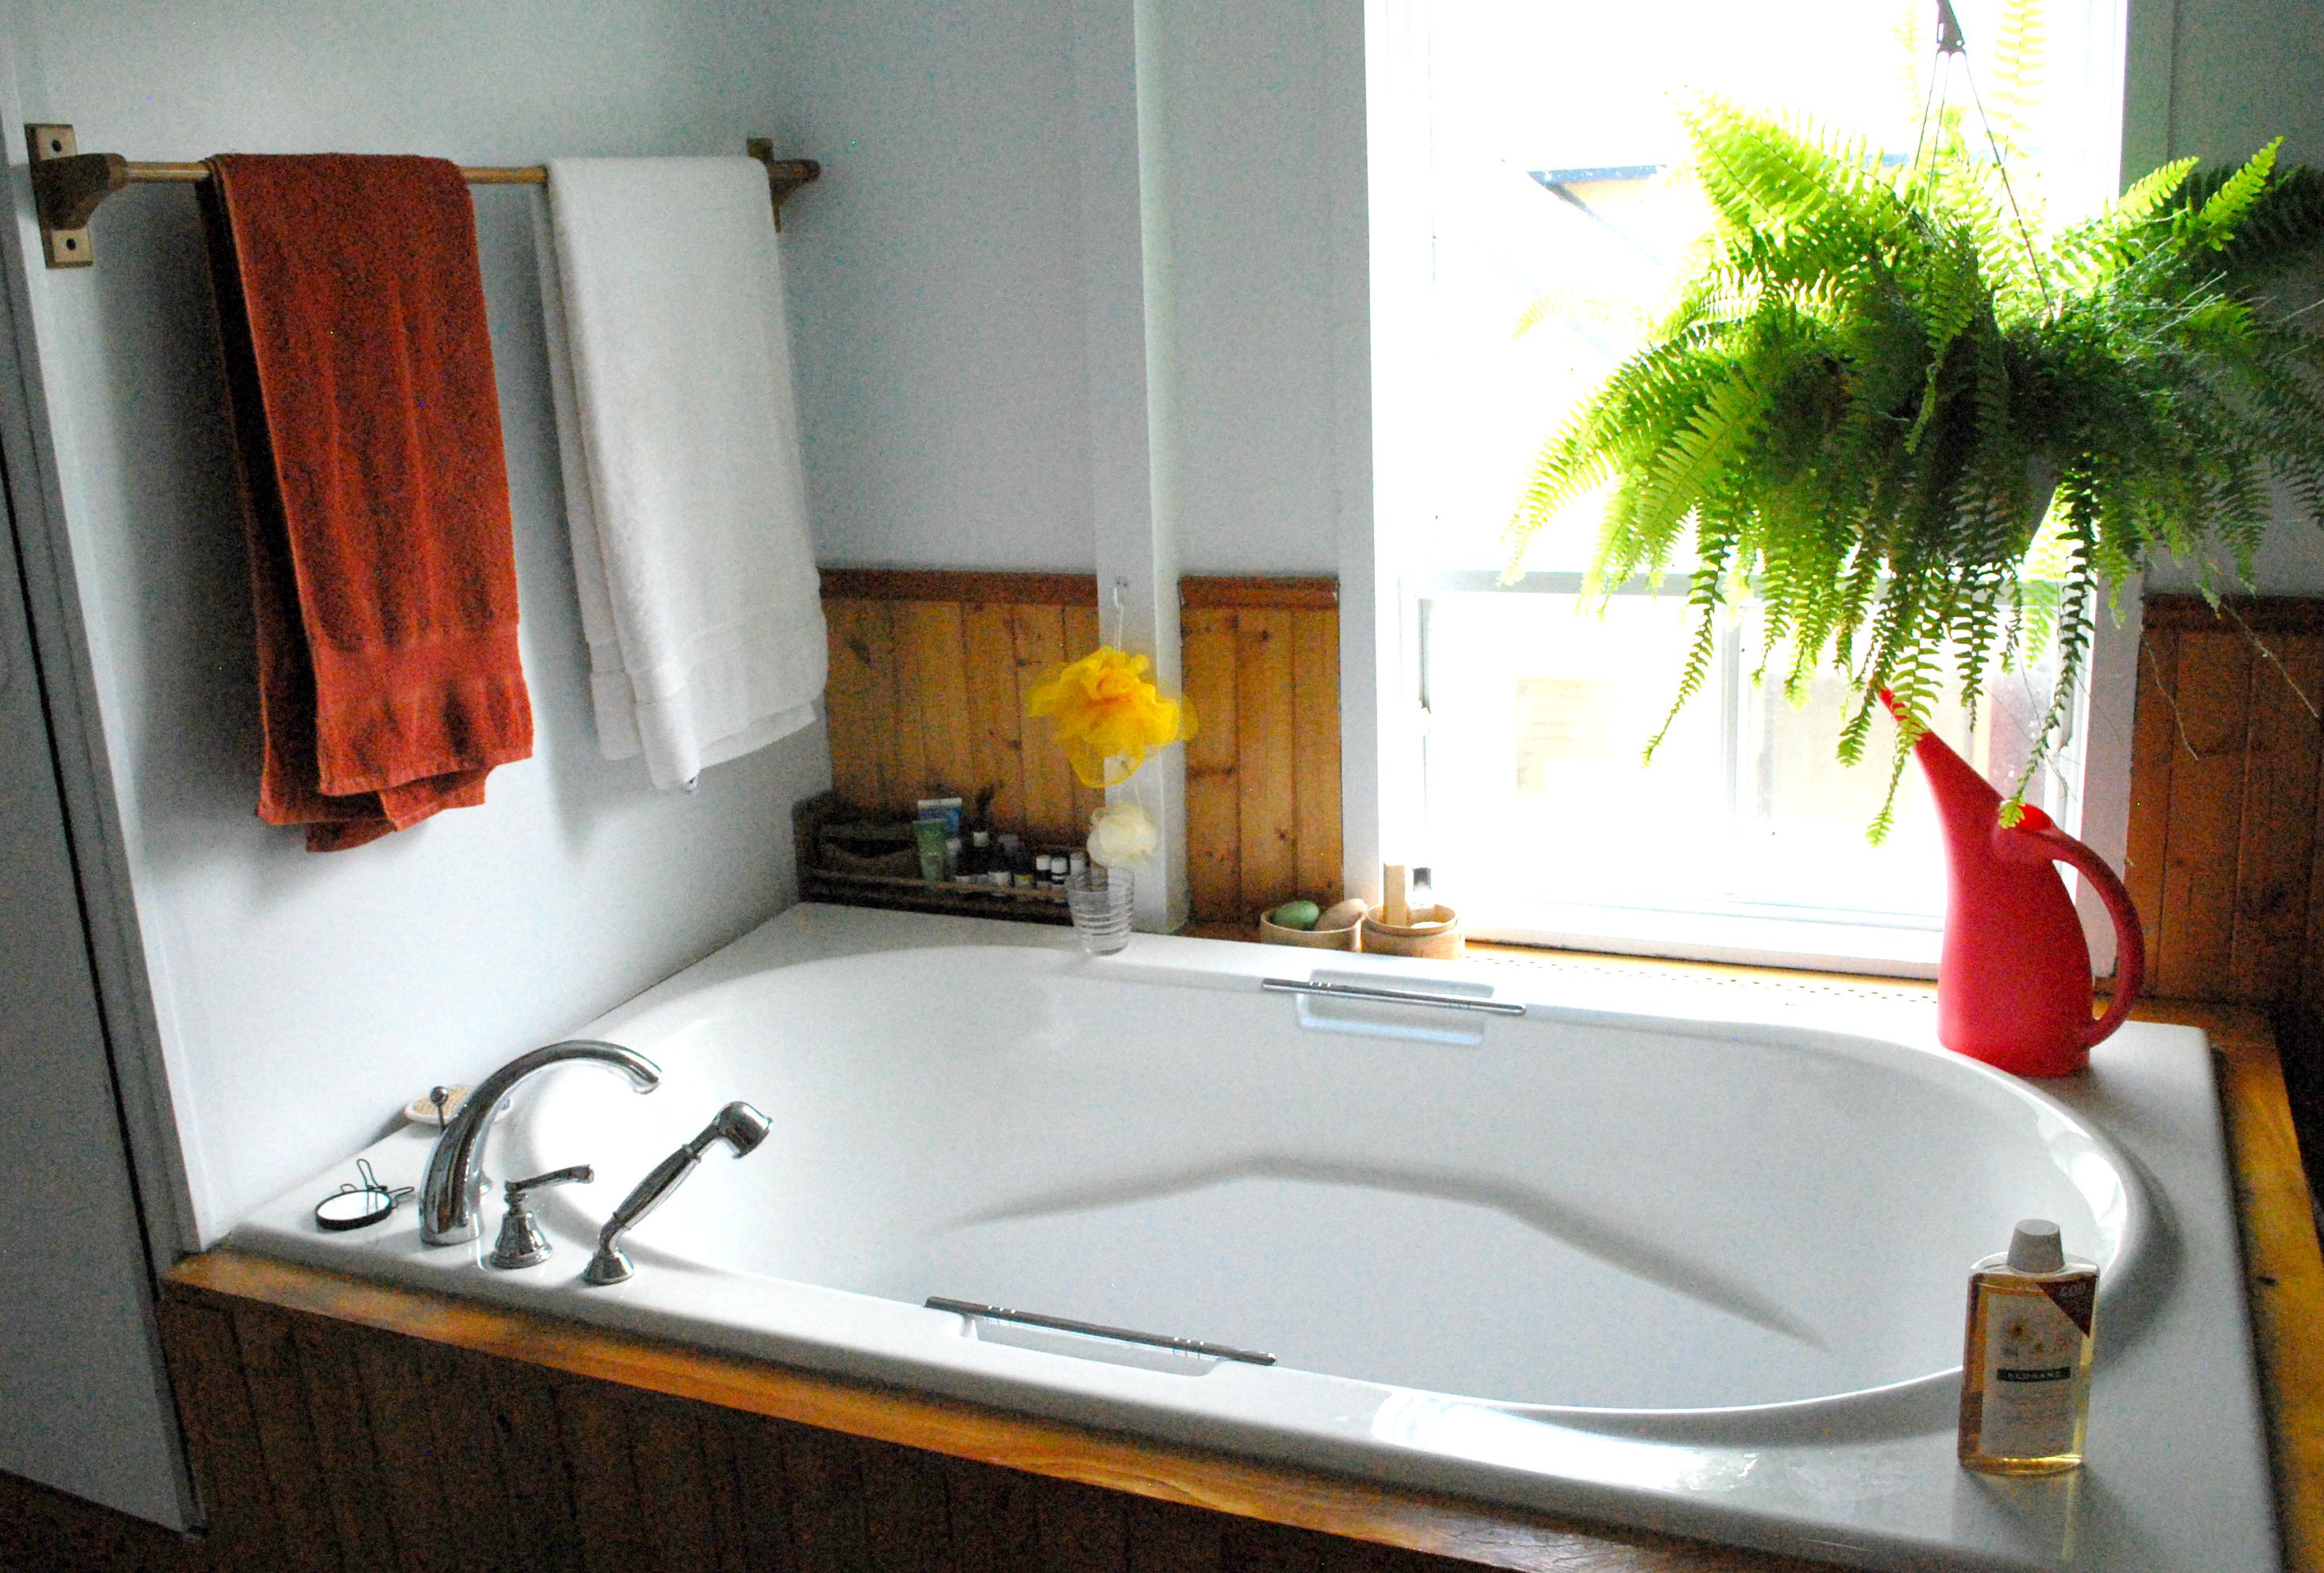 Nouvelles archives la galerie des nanas for Salle de bain fust